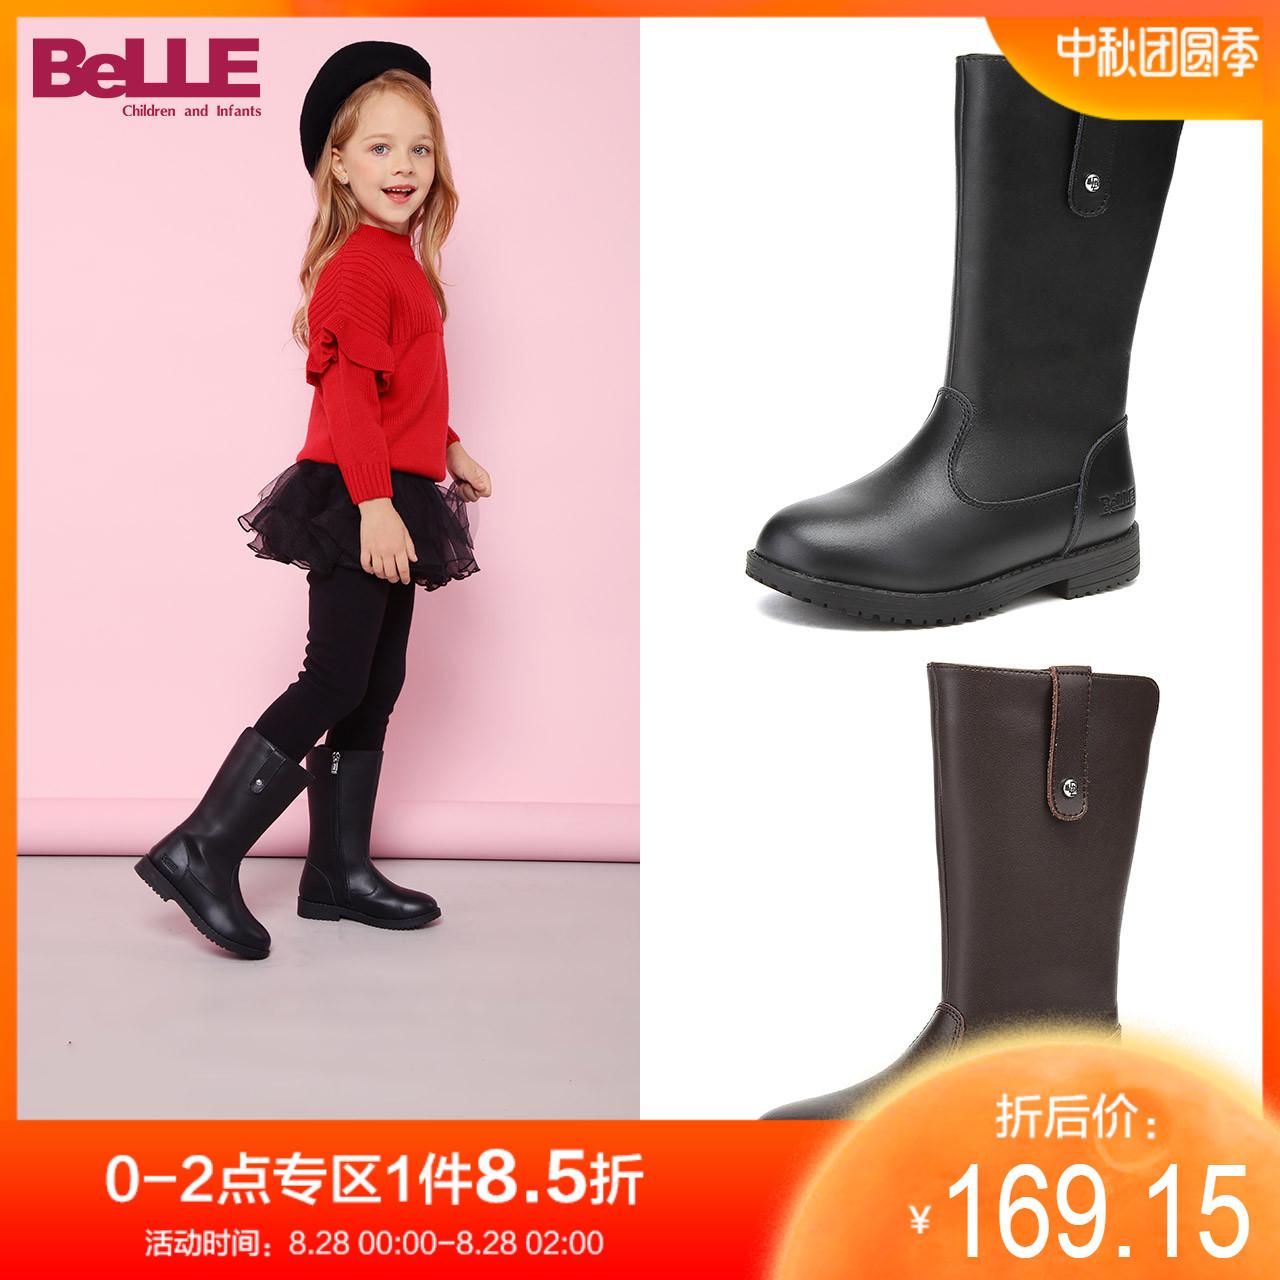 百丽童鞋女童时装靴2019冬新款男童高筒靴儿童加绒保暖牛皮靴子